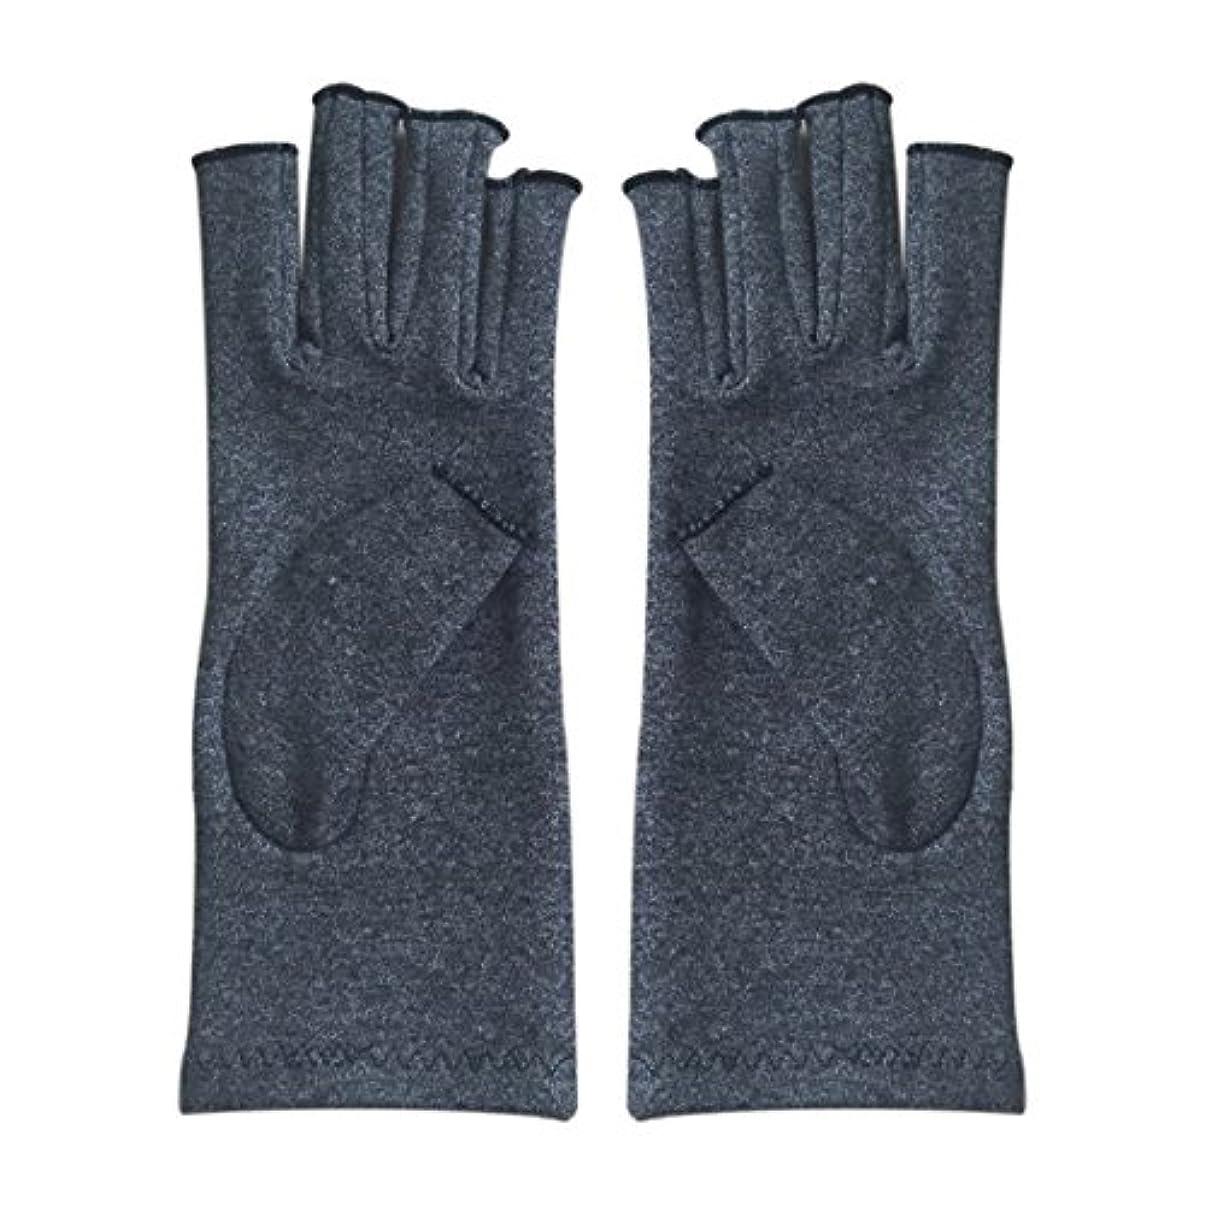 起こる水平チョークCikuso 1ペア成人男性女性用弾性コットンコンプレッション手袋手関節炎関節痛鎮痛軽減S -灰色、S